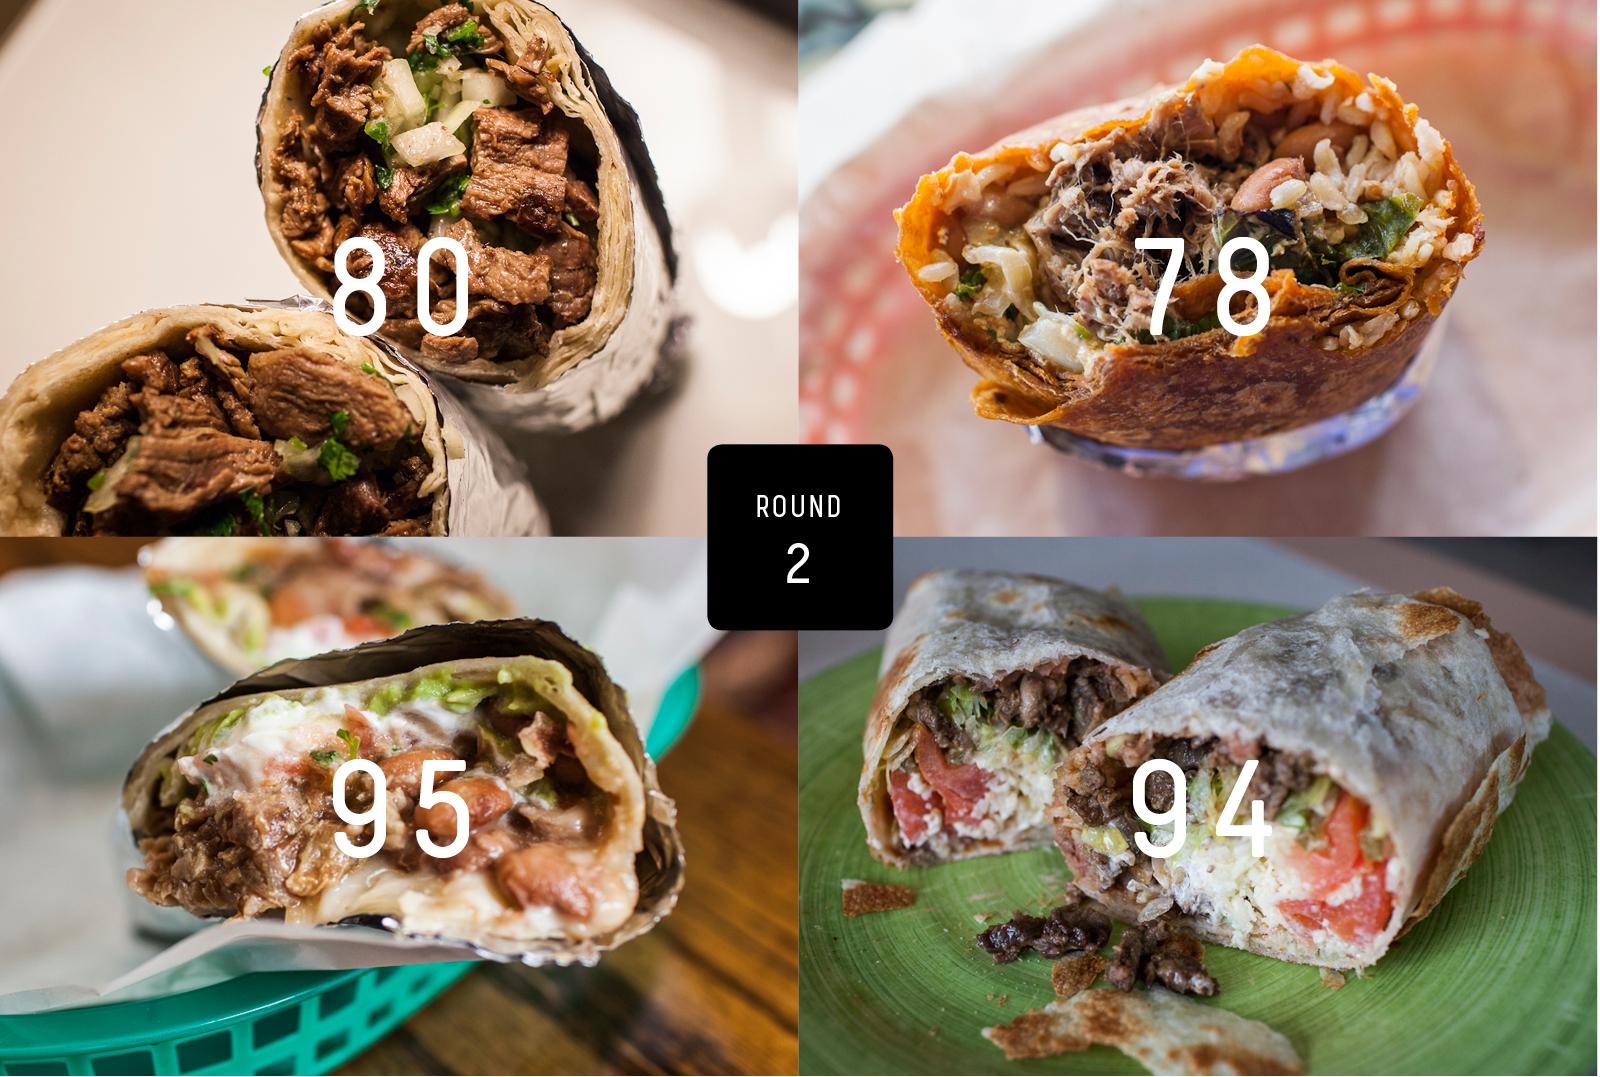 Clockwise from top left: La Pasadita, Cabo Bob's Burrito, Tortilleria Y Taqueria Ramirez, La Taqueria.